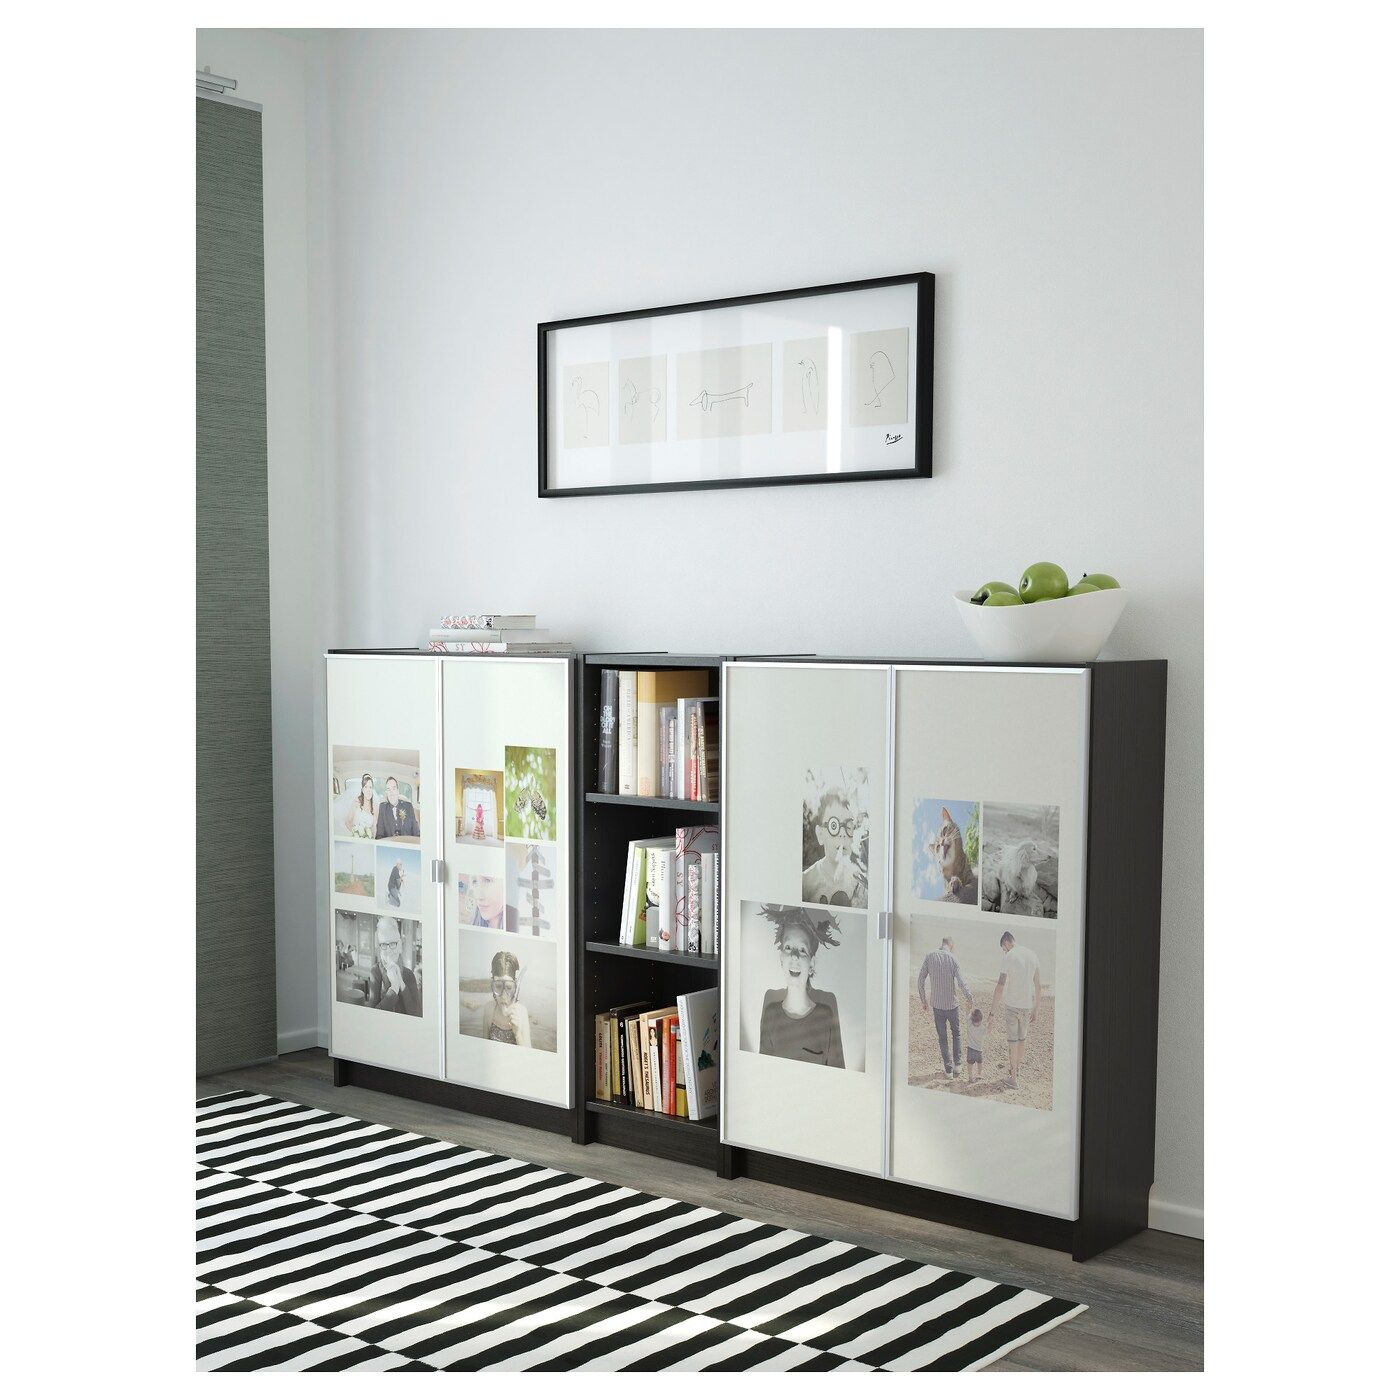 Re(4): Ikea Regal Benno weiß